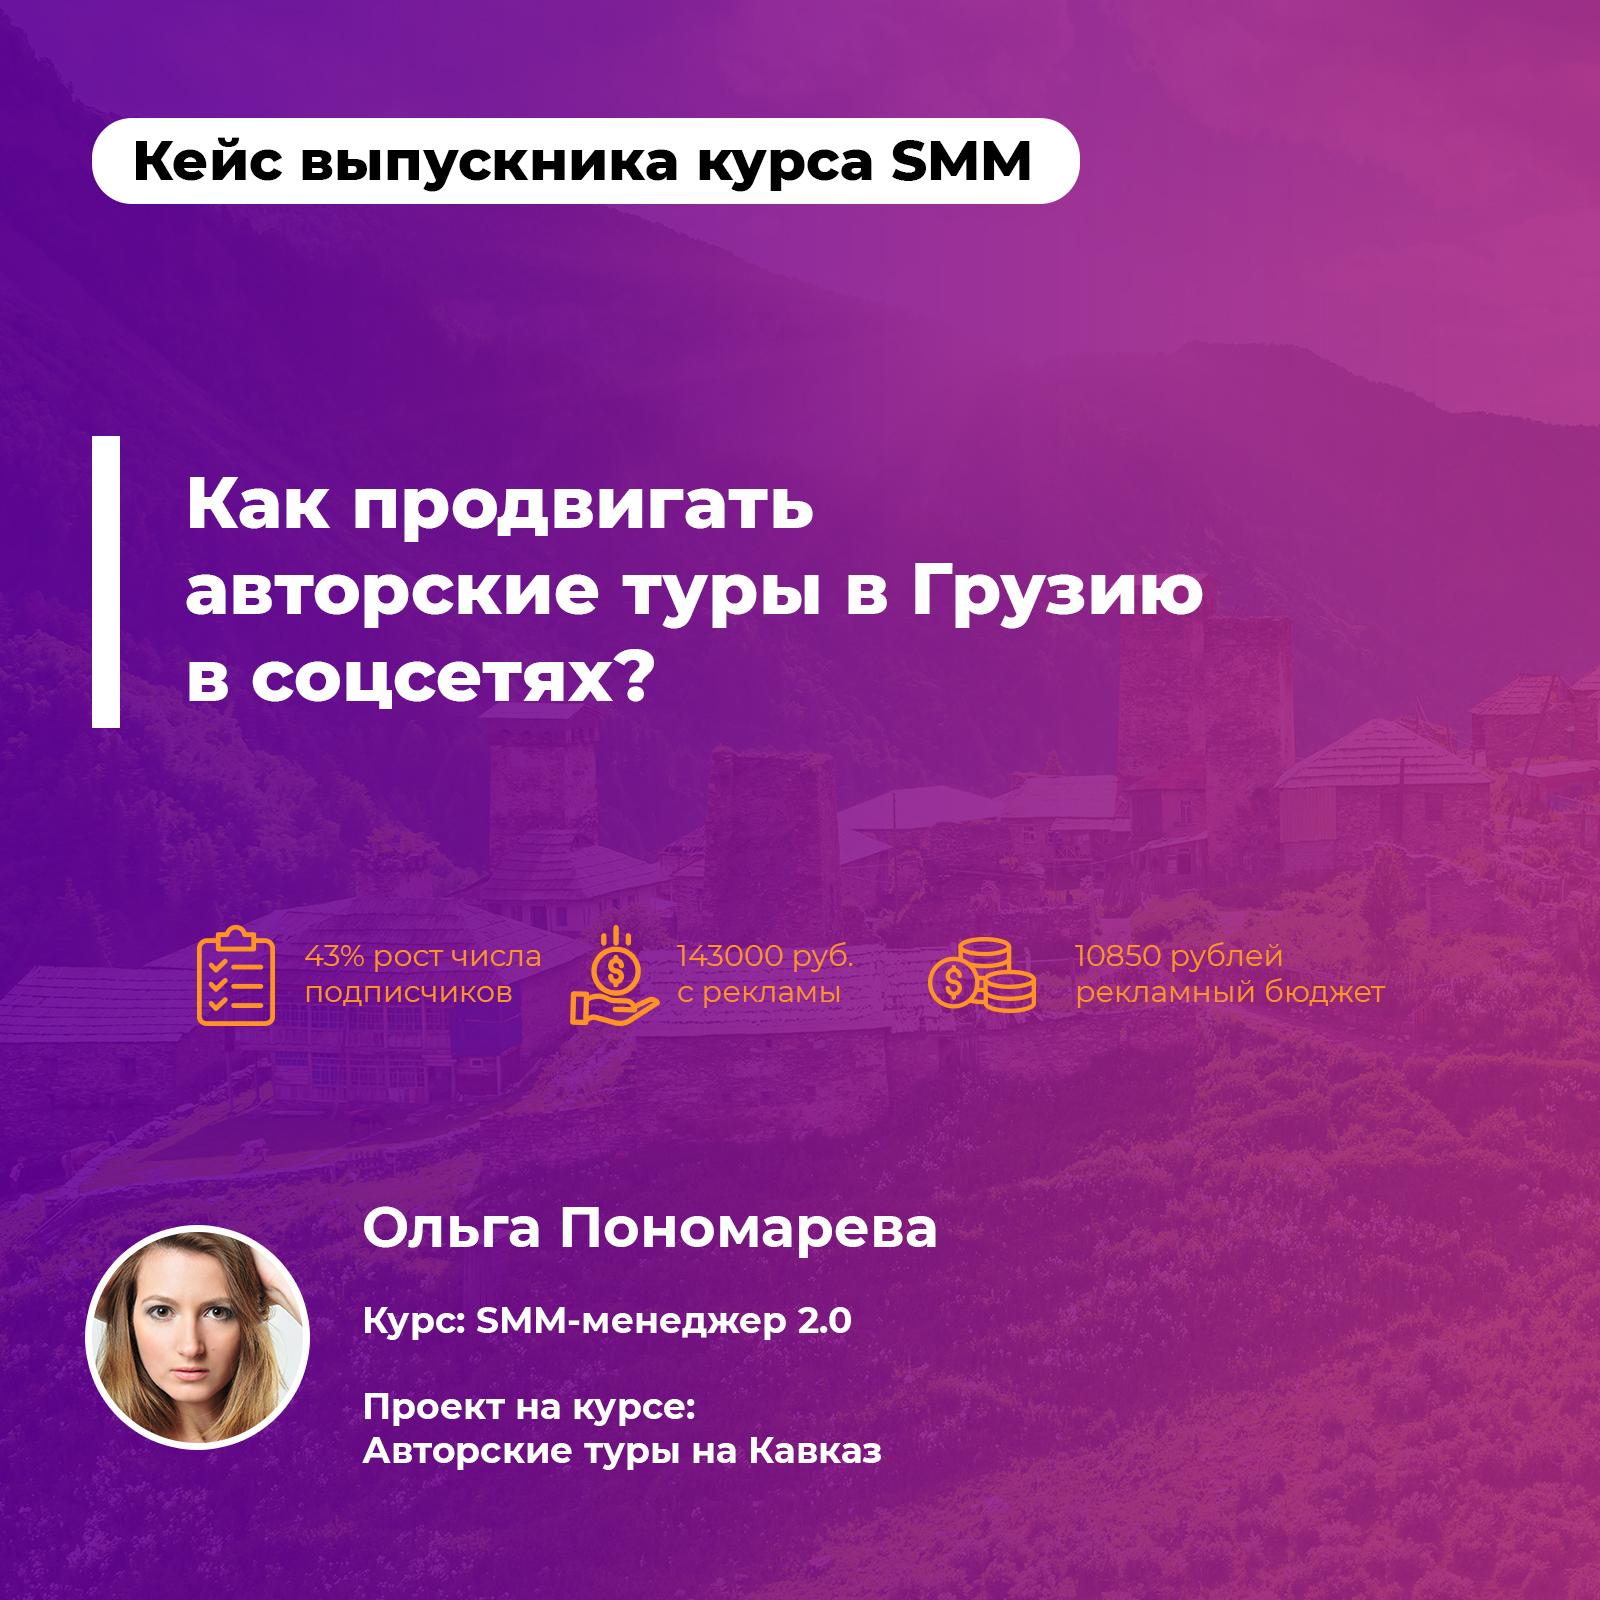 Отзыв и кейс ученика курса smm-менеджер Ольги Пономаревой